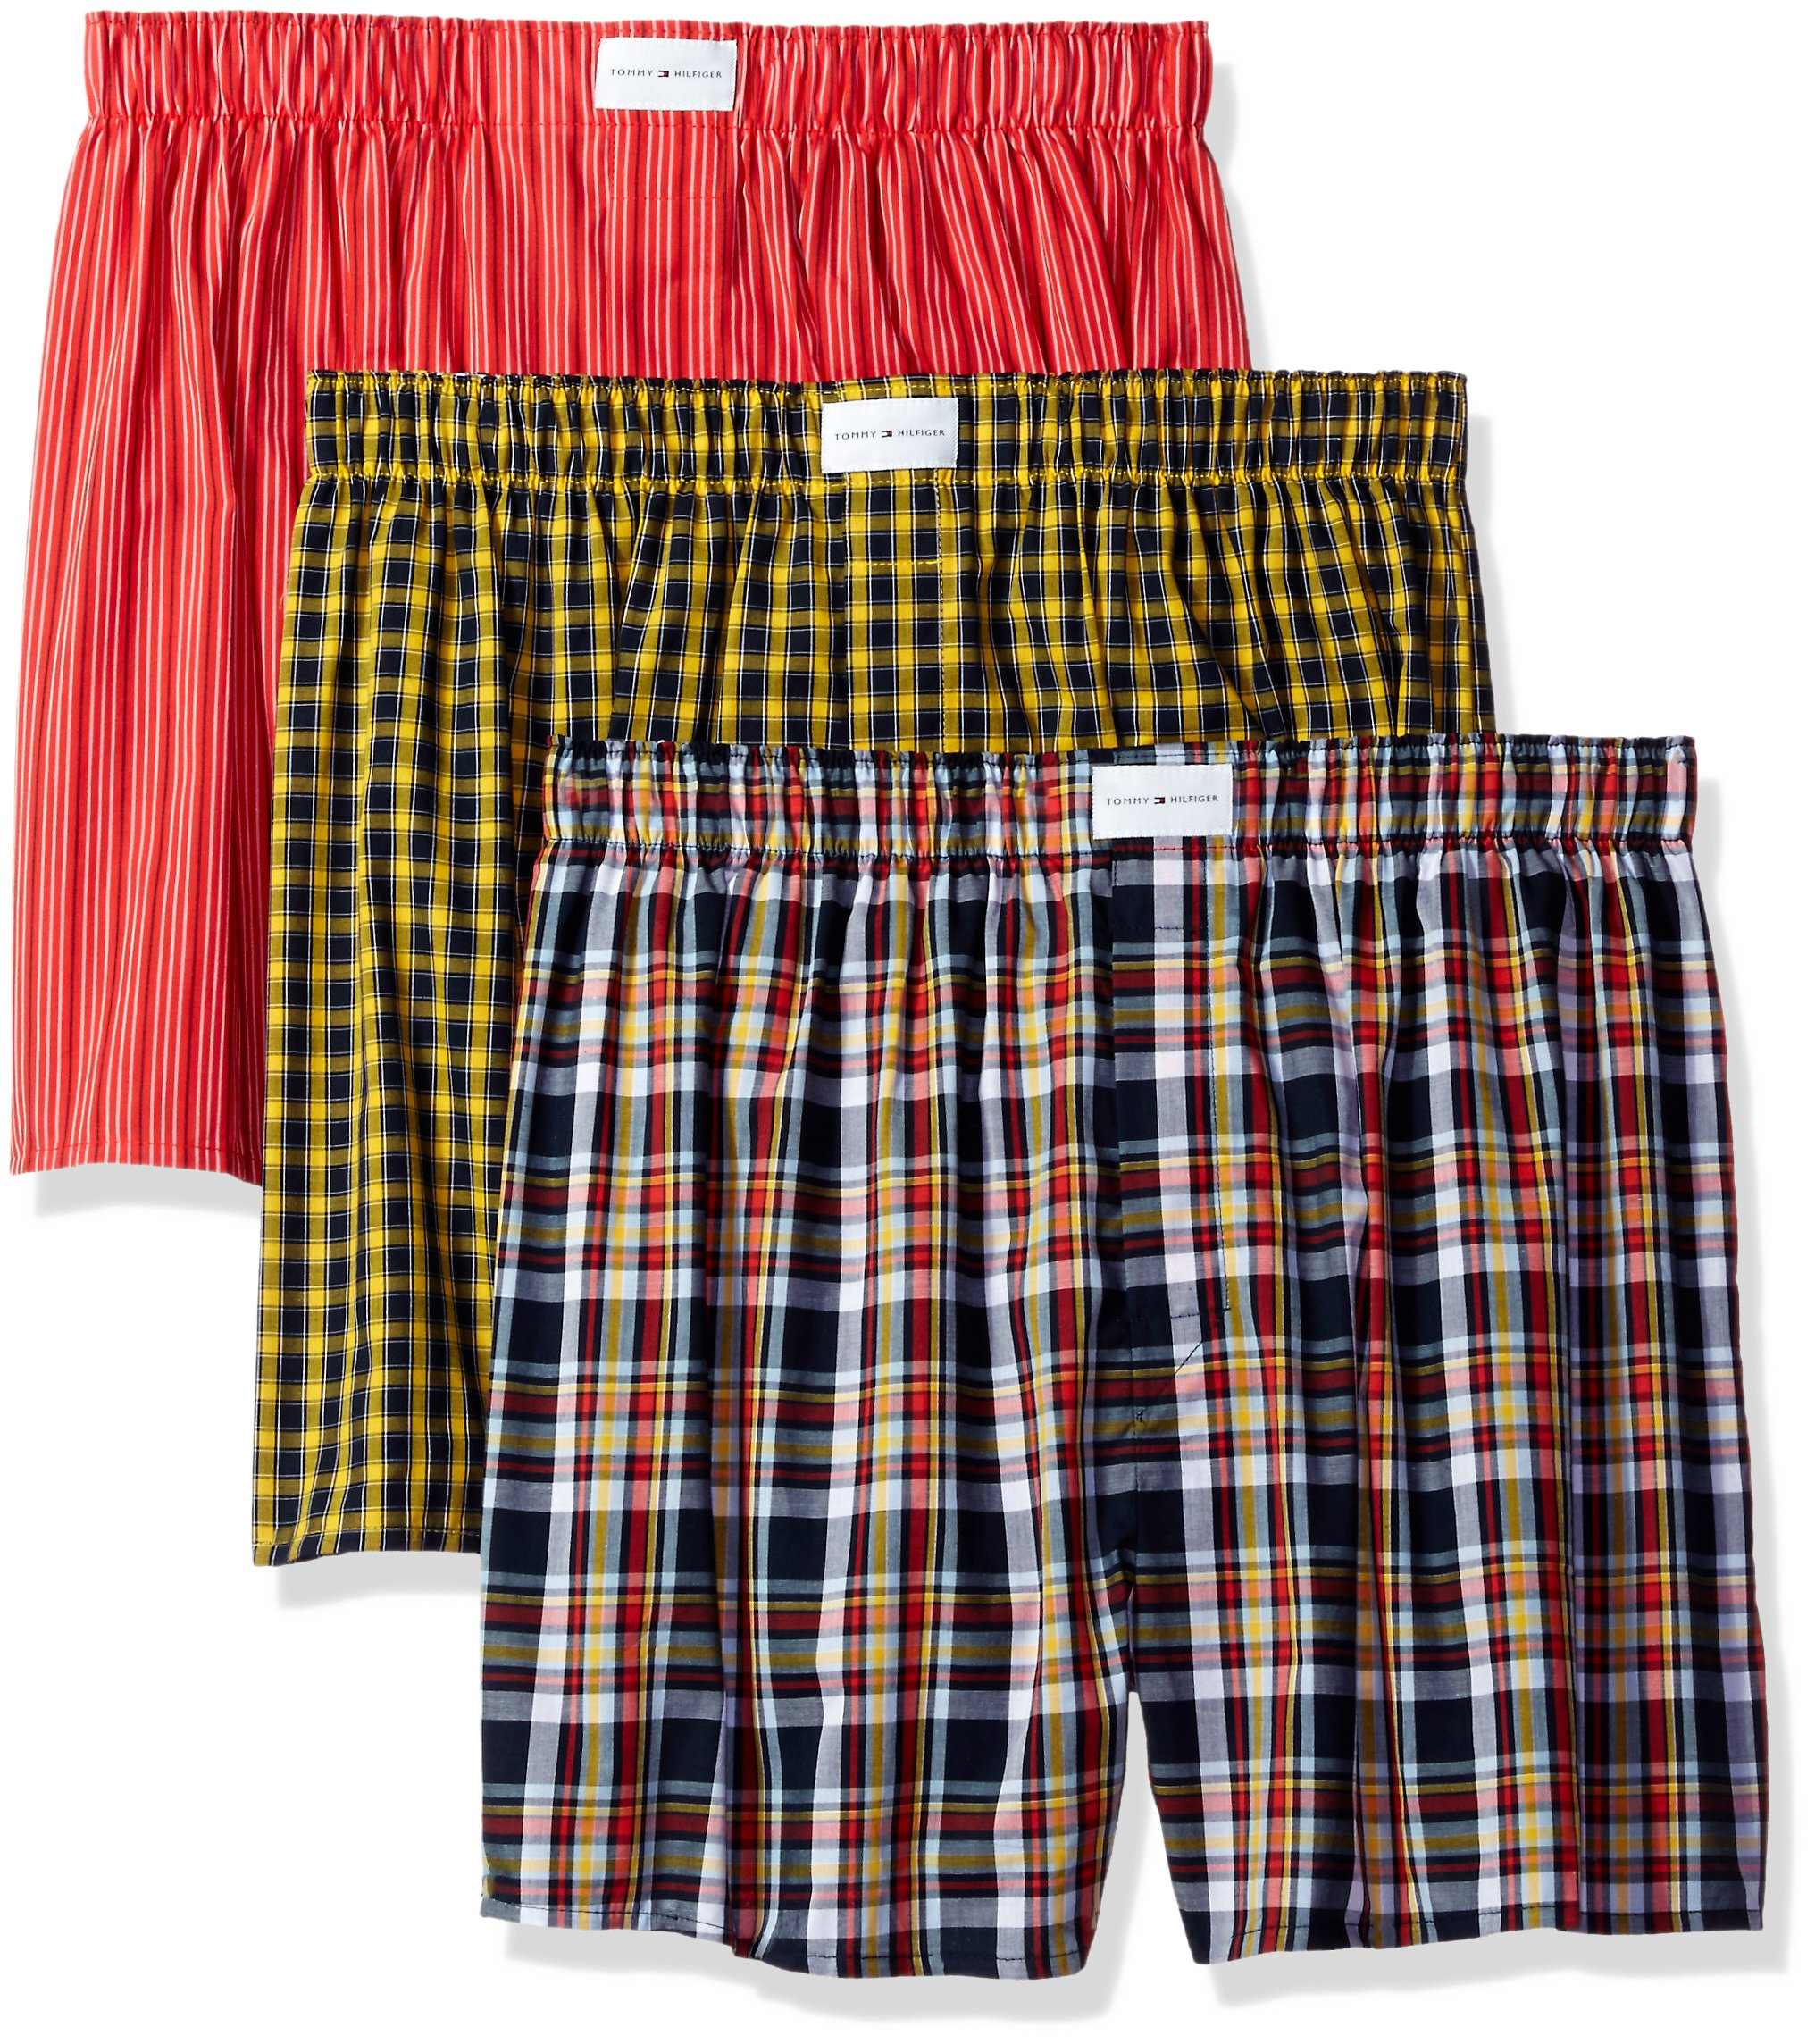 Tommy Hilfiger Men's Underwear 3 Pack Cotton Classics Woven Boxers, Orange/Blue Plaid/Orange Stripe/Yellow Plaid, Large